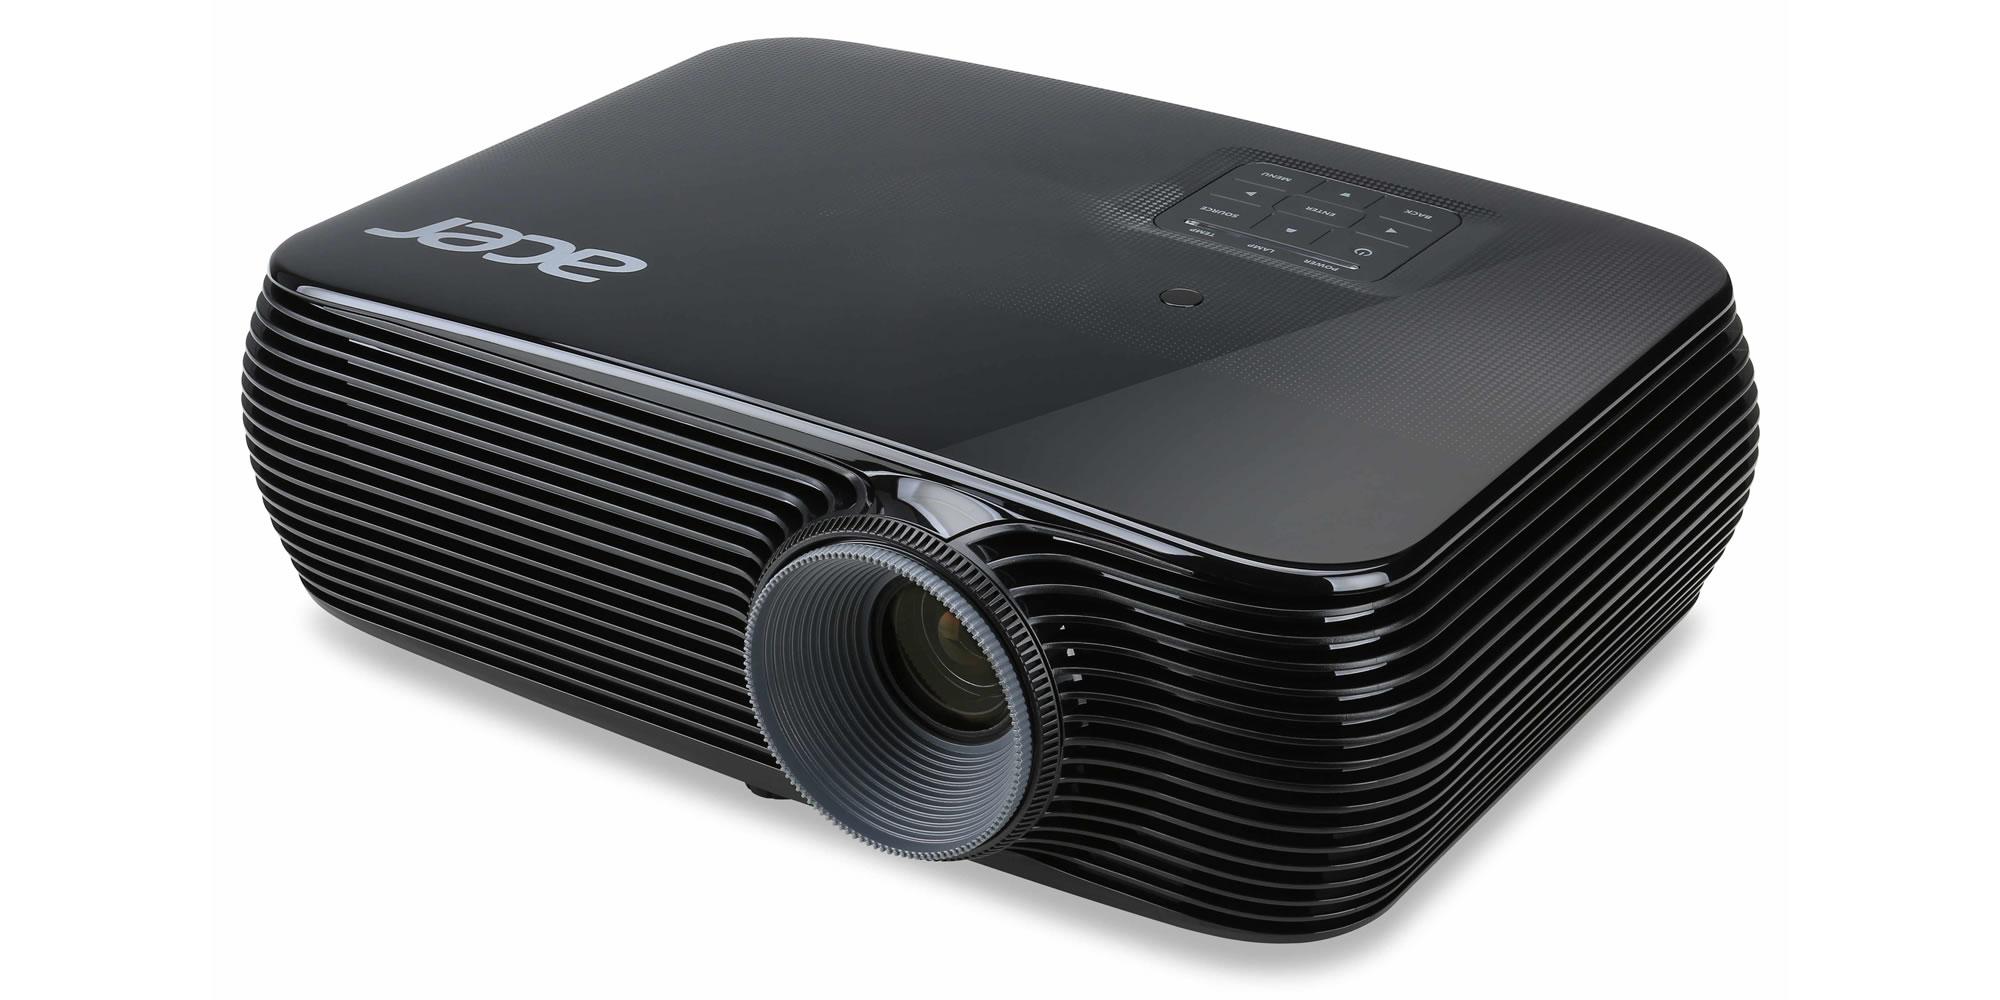 Проектор Acer X1126H DLP 800x600 4000 люмен 20000:1 черный MR.JPB11.001 проектор optoma ml330 1280x800 500 люмен 20000 1 золотистый e1p2v004e021